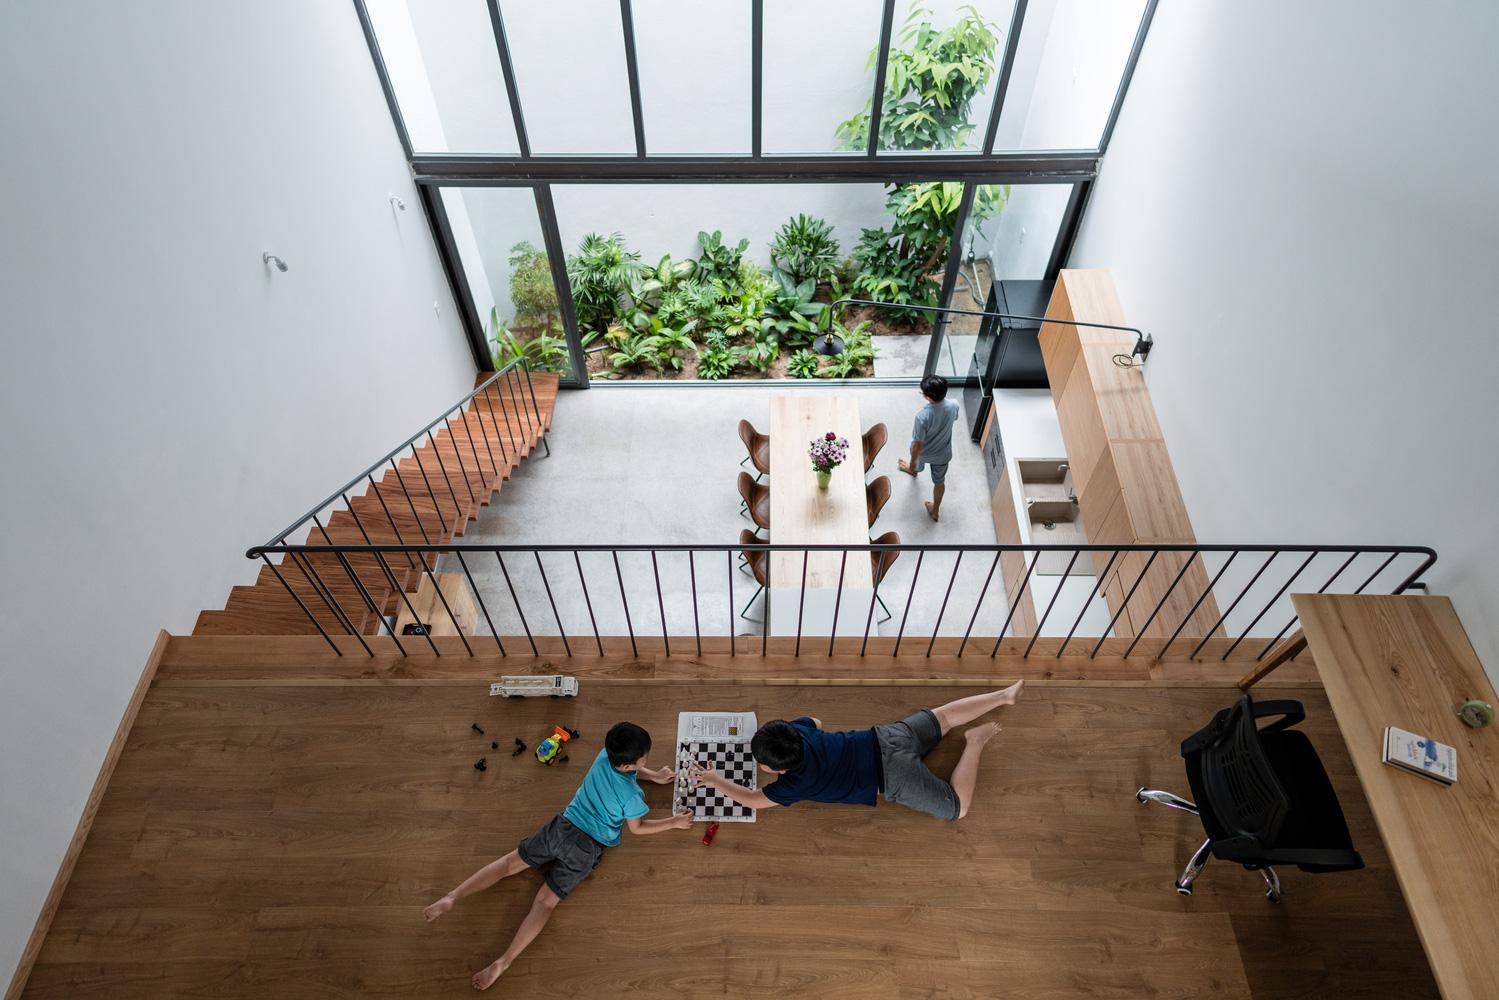 4 ngôi nhà độc đáo của Việt Nam được vinh danh Top 50 công trình đẹp nhất của năm trên tạp chí kiến trúc Mỹ - Ảnh 4.